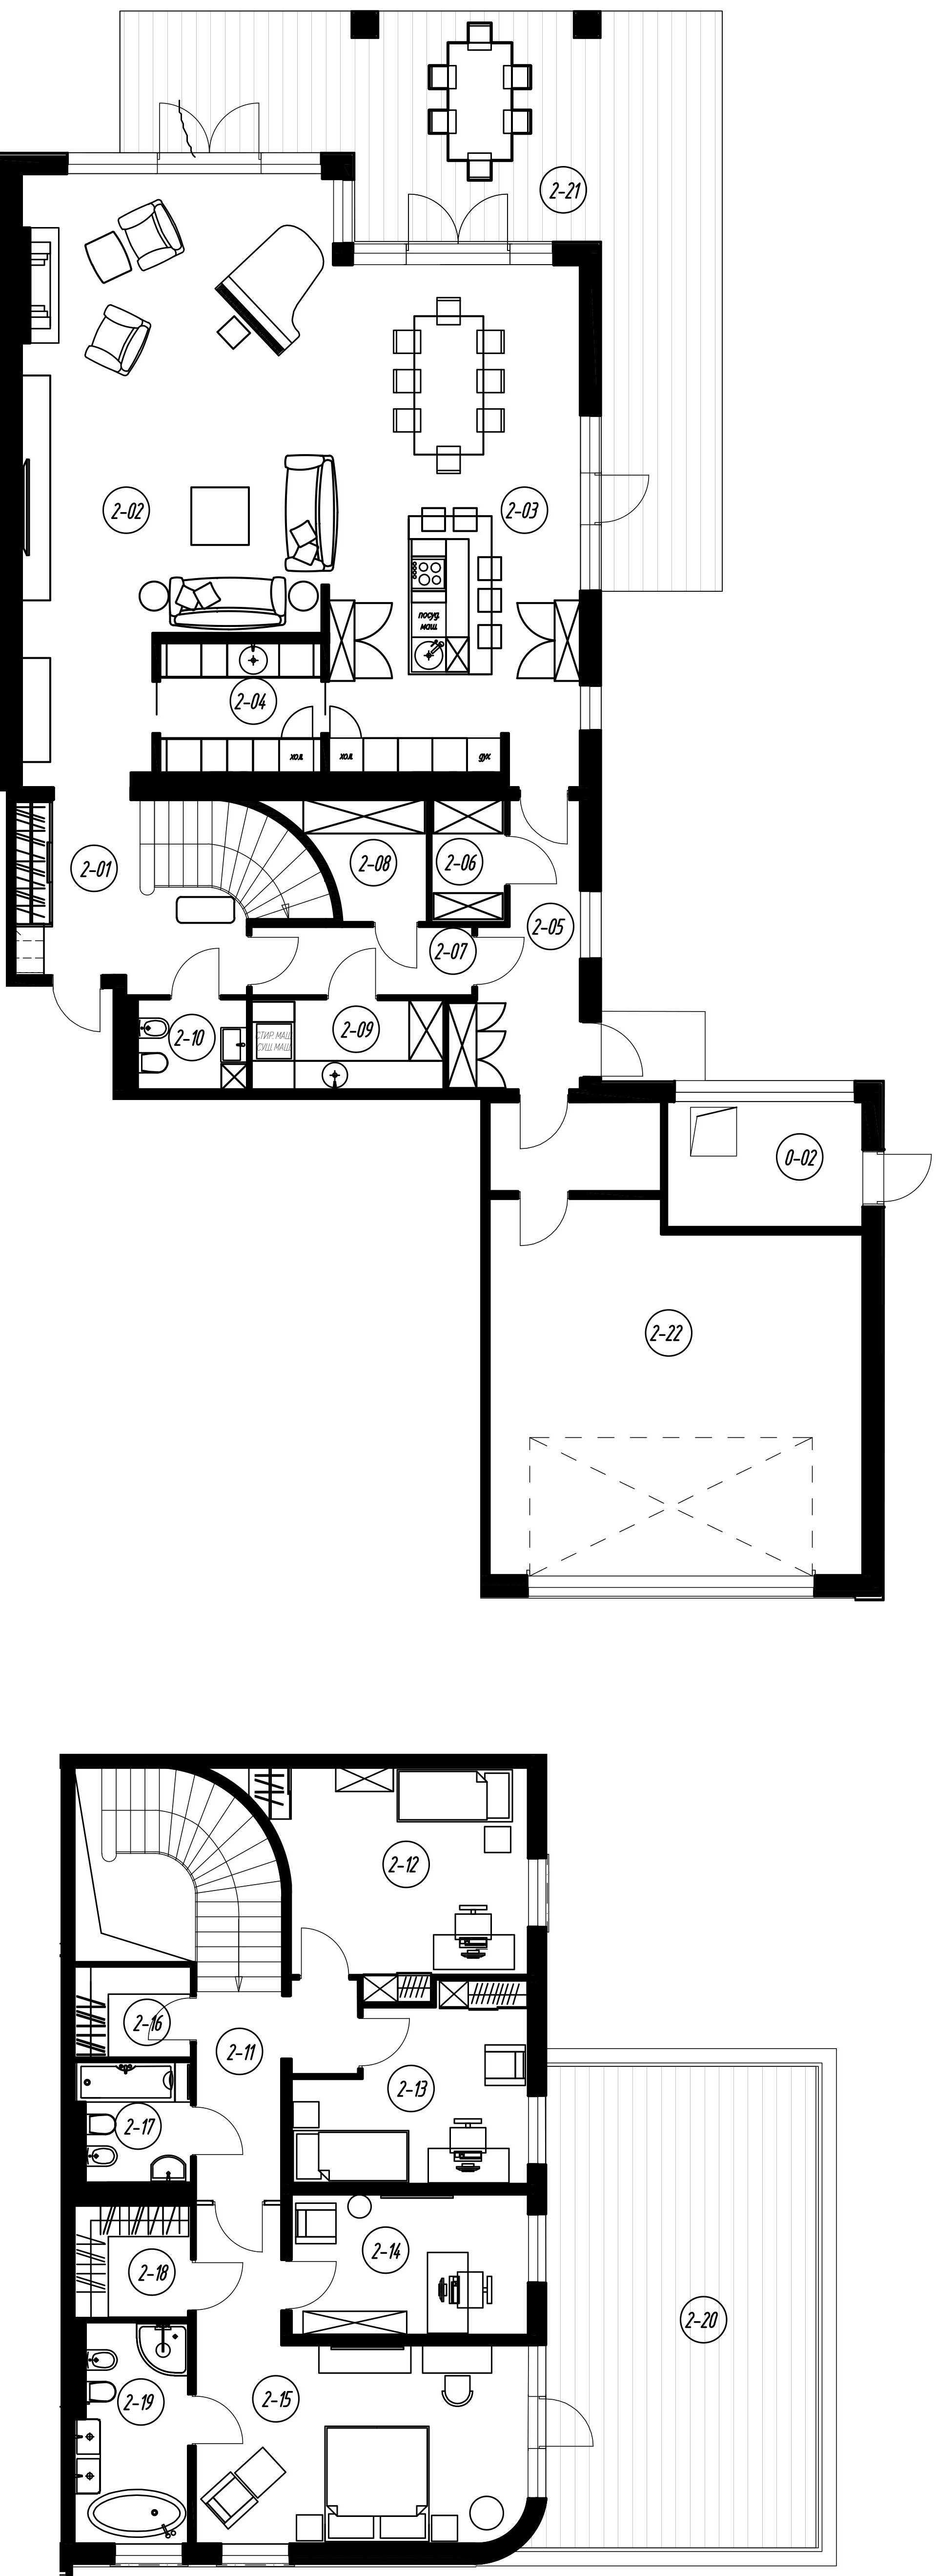 4-комнатная 271 м<sup>2</sup> на 1 этаже